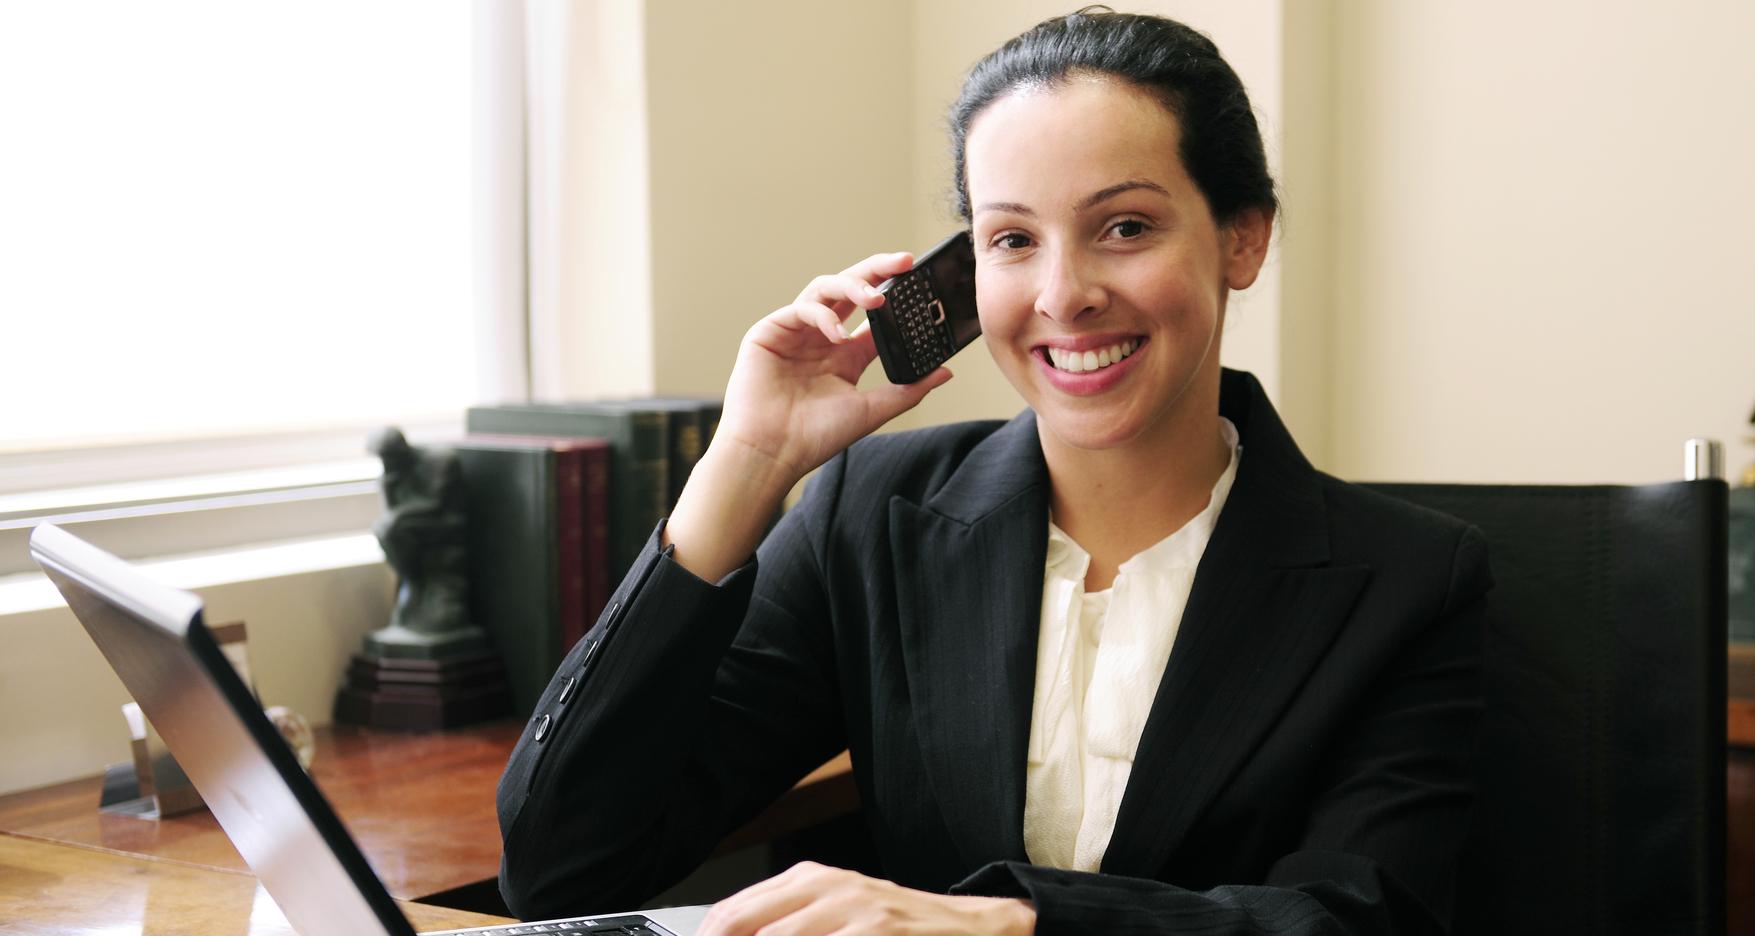 Frau am Telefon und Computer